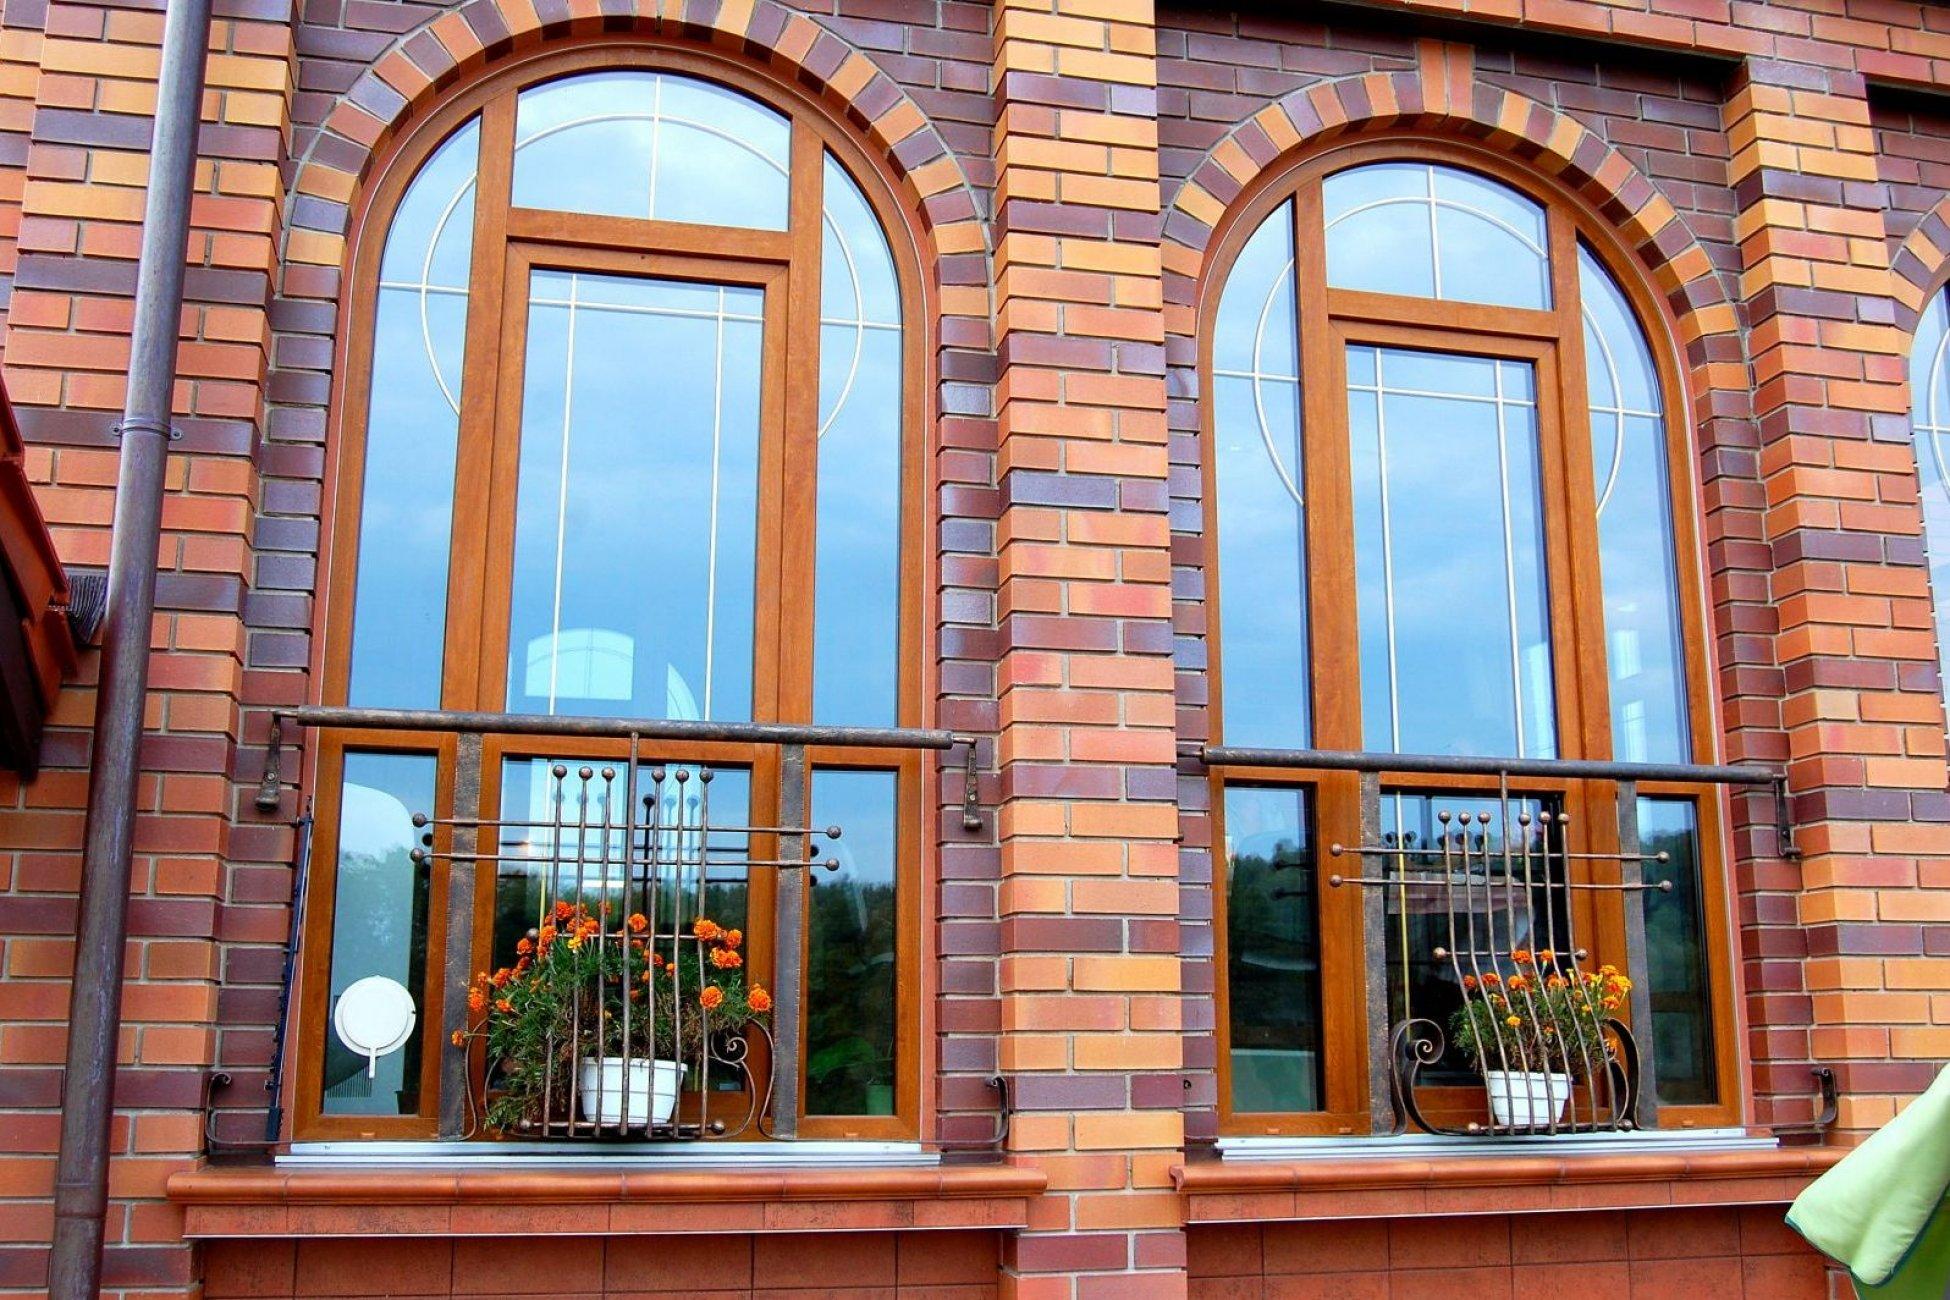 красивые окна в домах фото тех пор дизайн